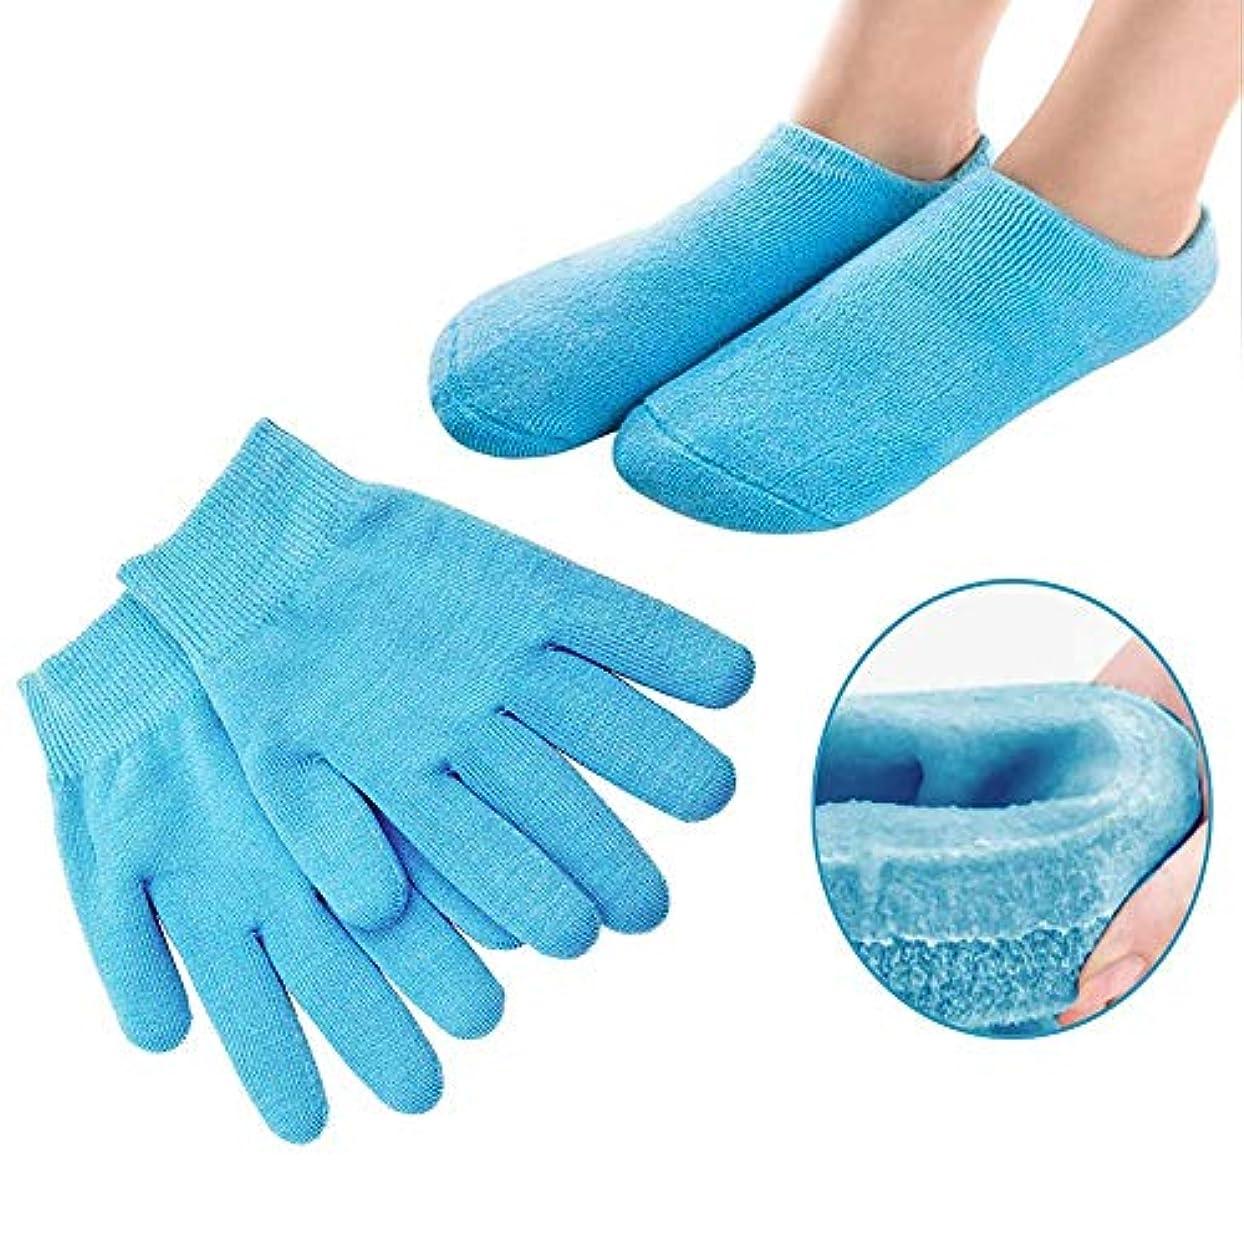 食堂に話す発疹Pinkiou 眠る森のSPAジェルグローブ+SPAジェルソックス 手アグローブ フットケアソックス 角質取り 保湿 かかとケア オープントゥ 素肌美人 靴下と手袋セット いいお肌になりましょう(ブルー)